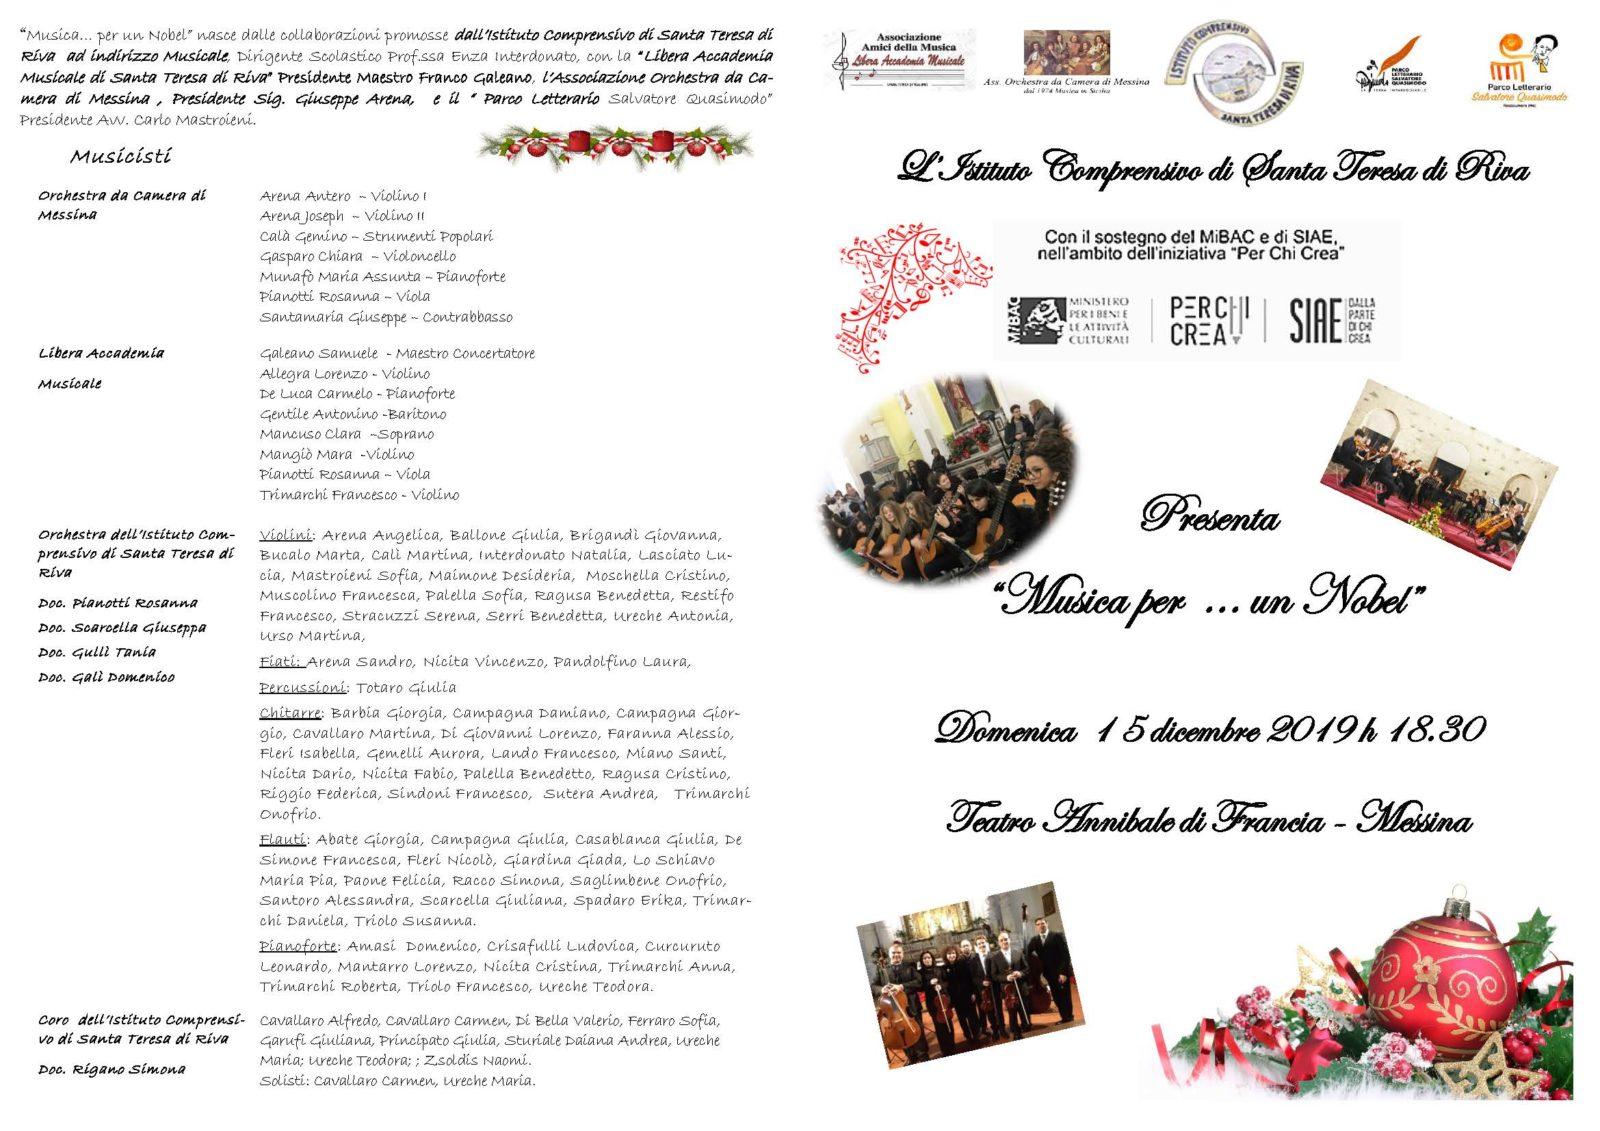 Programma di sala 15 dicembre